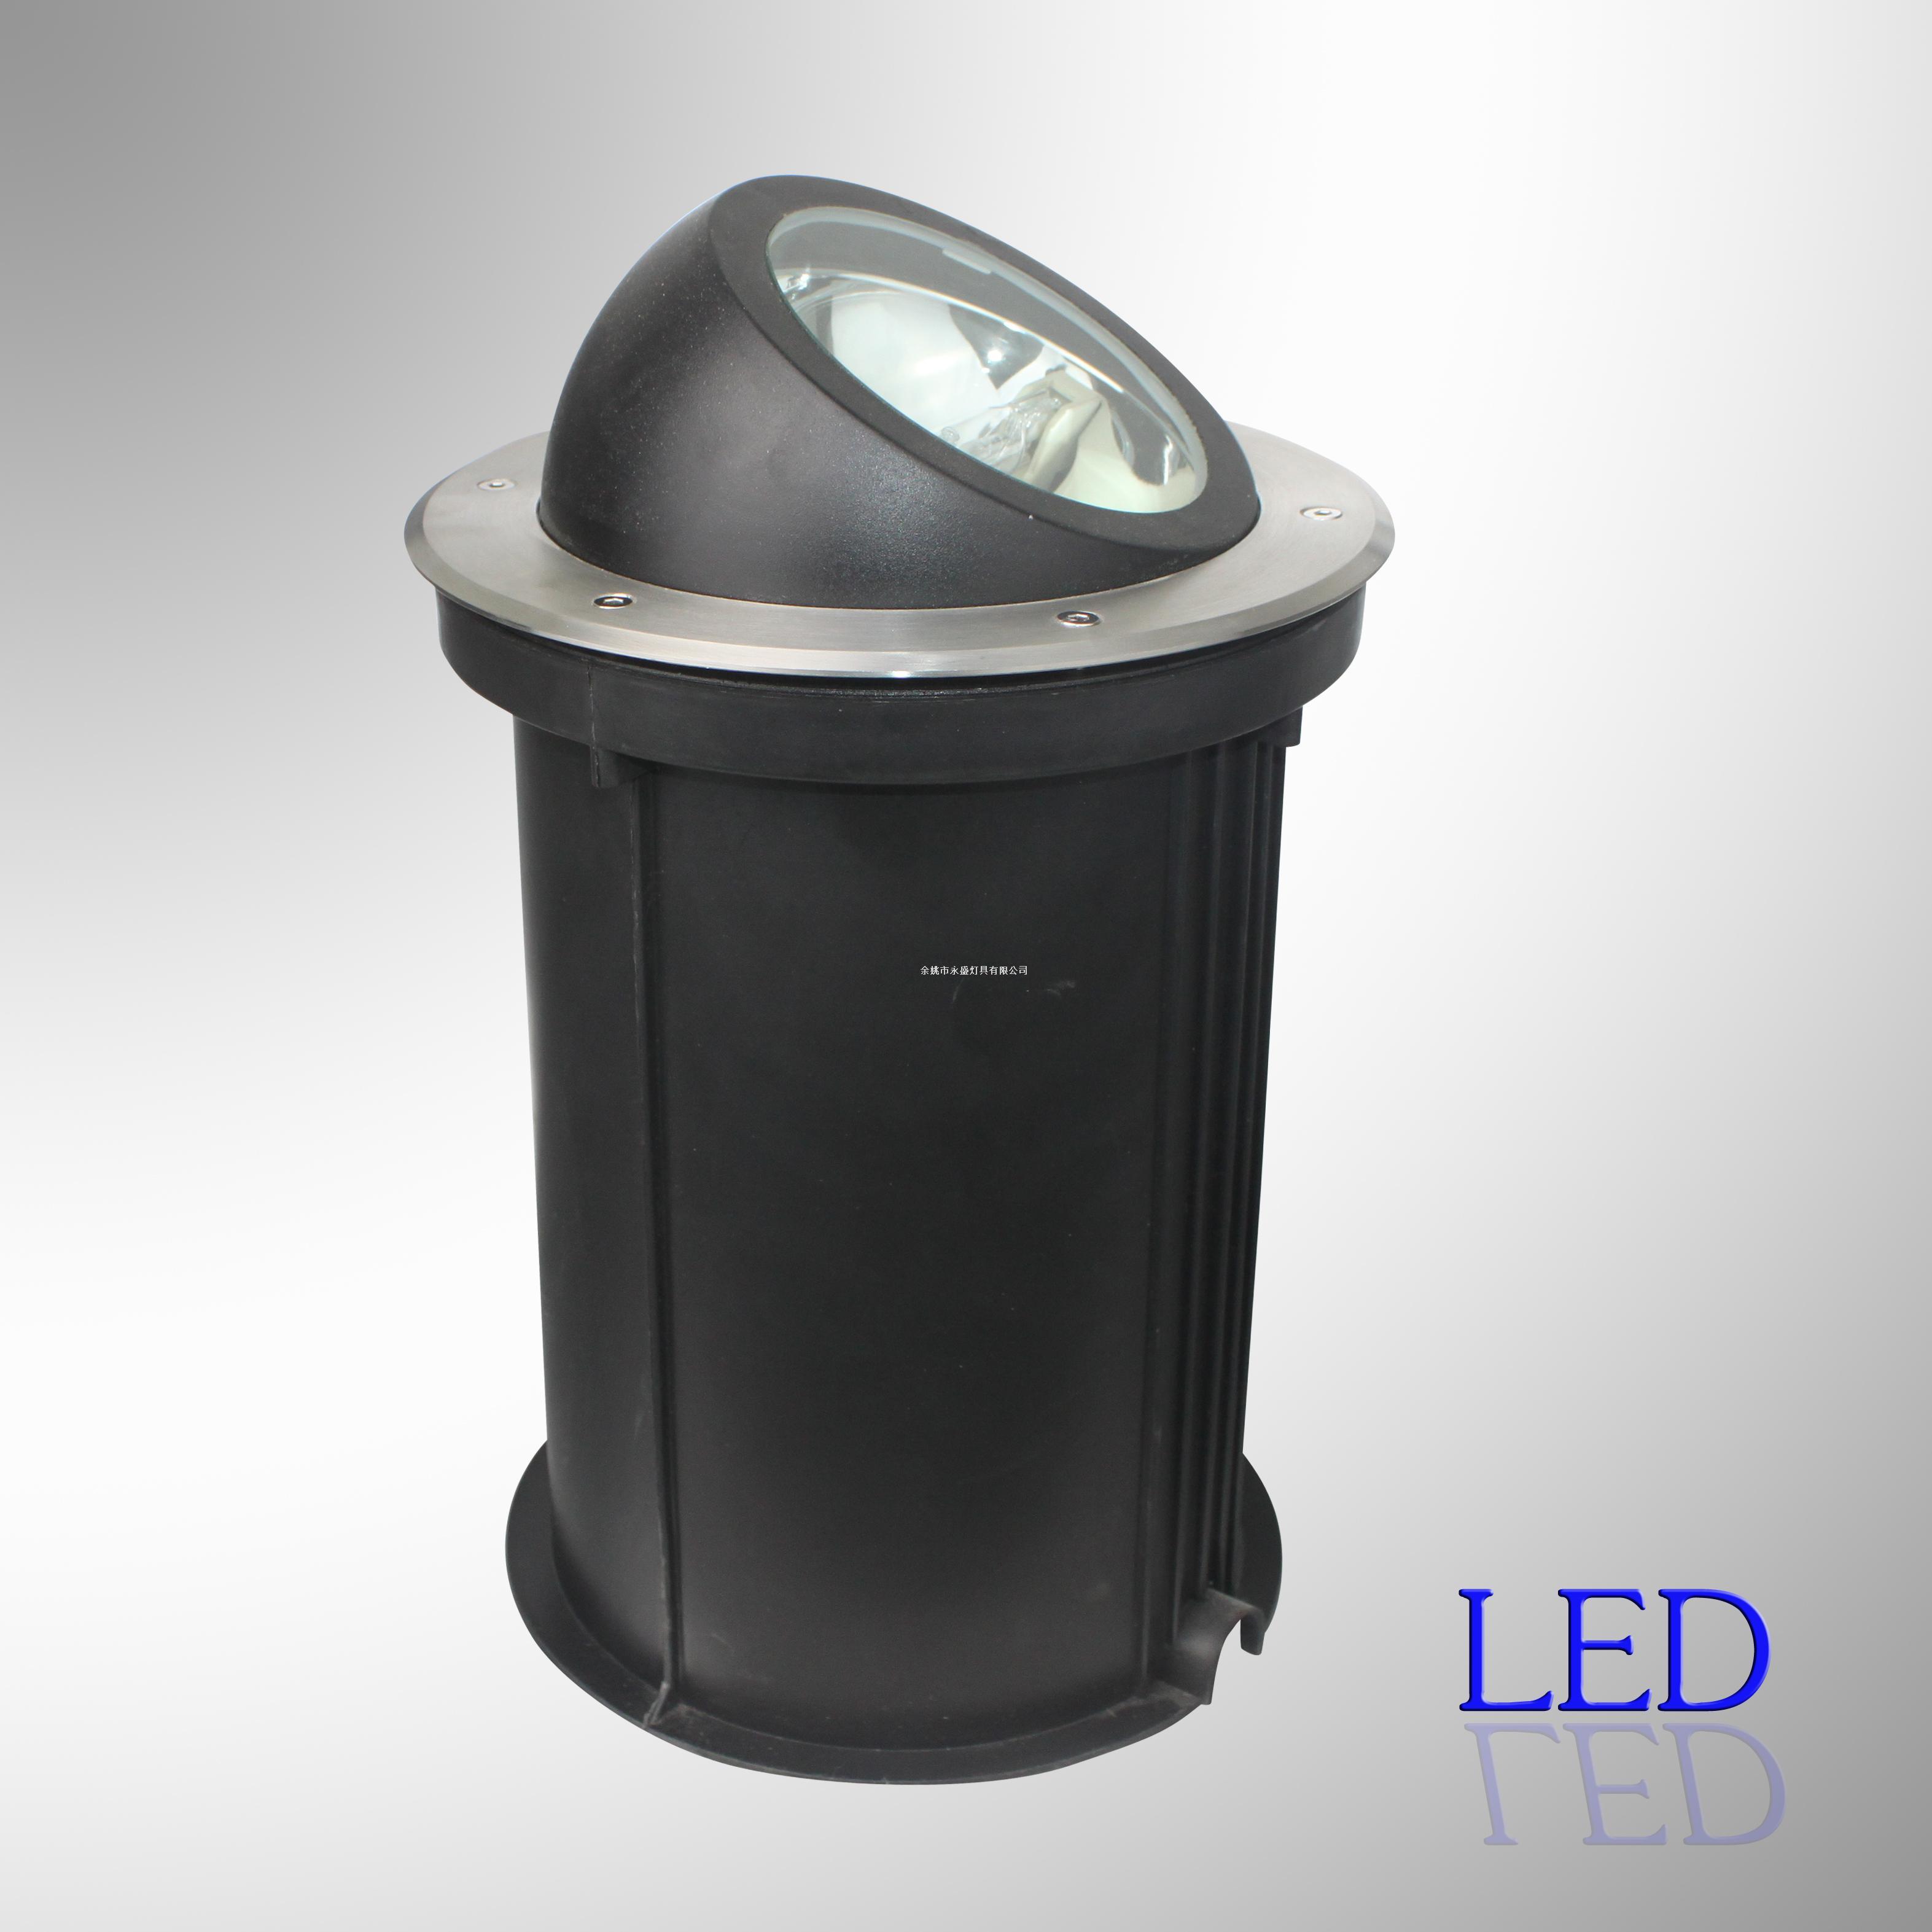 垃圾桶 垃圾箱 3146